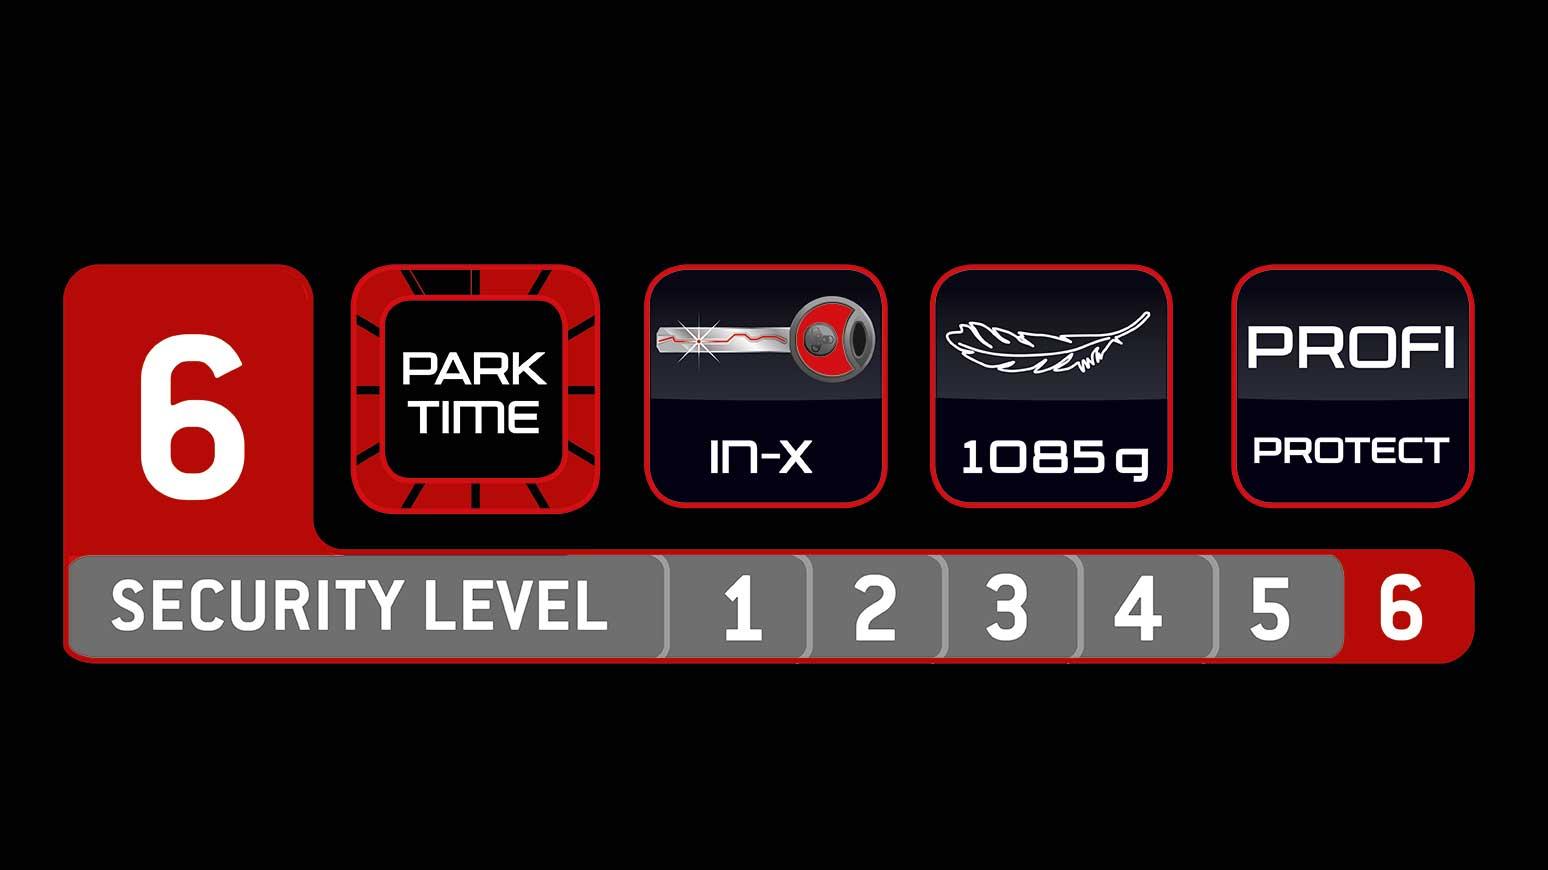 Das Trelock Security Level-System stellt zusätzlich eine Zeitkomponente dar - So lange könnte das Rad sicher abgestellt sein.